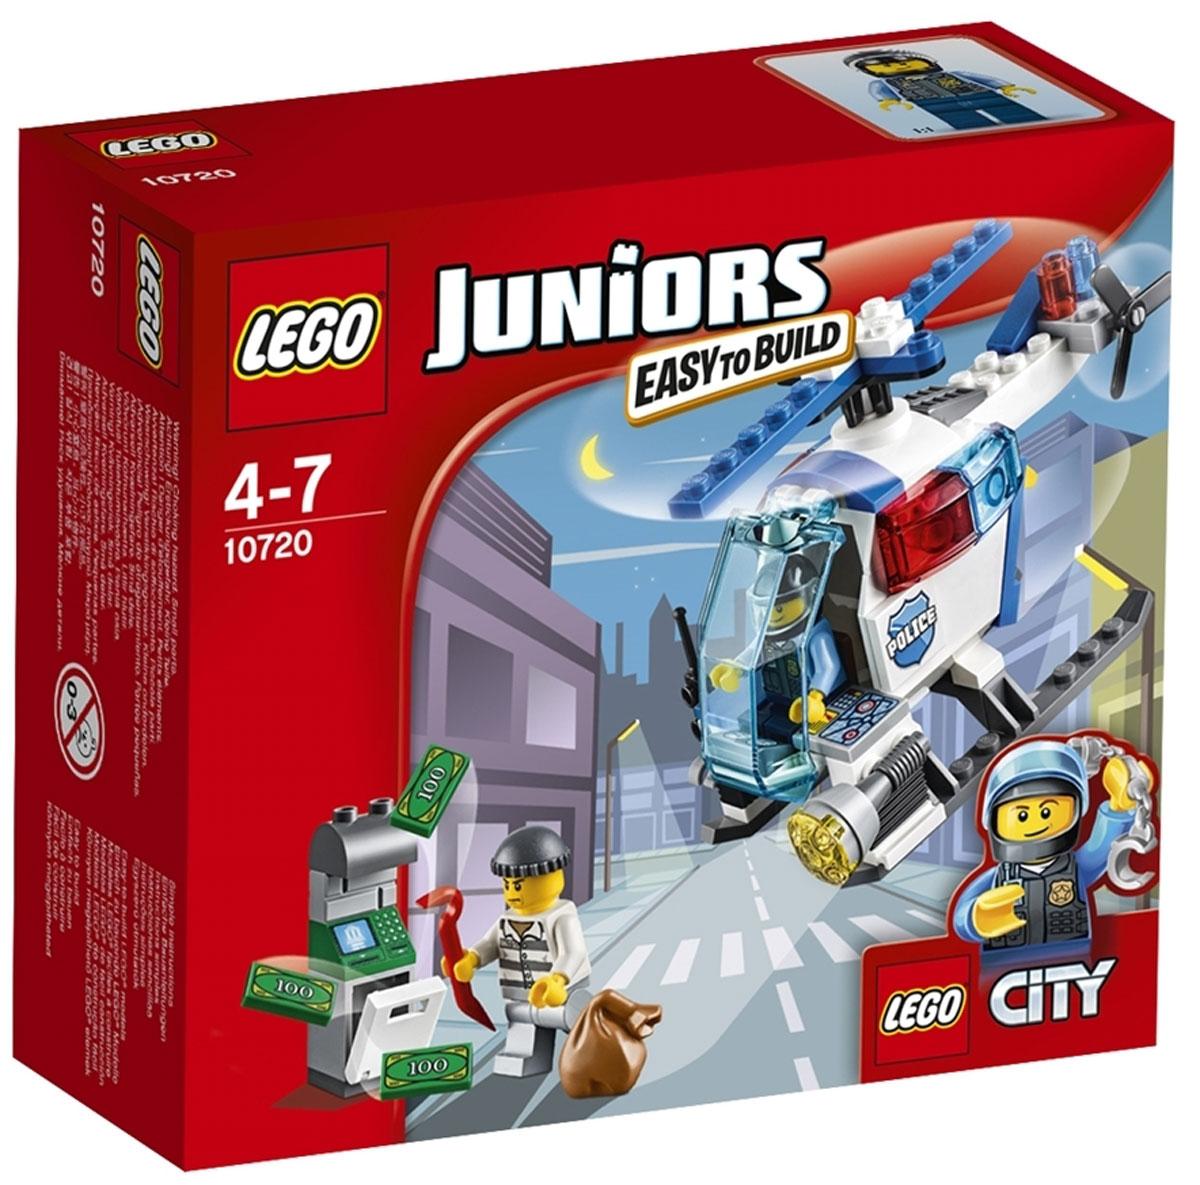 LEGO Juniors Конструктор Погоня на полицейском вертолете 1072010720Патрулируй небо над городом на полицейском вертолете! Найди вора, который пытается ограбить банкомат, а затем лети вниз и поймай его с поличным. Помогай полиции служить и защищать. LEGO Juniors дарит отличный опыт конструирования! Конструктор LEGO Juniors Погоня на полицейском вертолете включает в себя 63 разноцветных пластиковых элемента с двумя фигурками. Конструктор - это один из самых увлекательных и веселых способов времяпрепровождения. Ребенок сможет часами играть с конструктором, придумывая различные ситуации и истории.